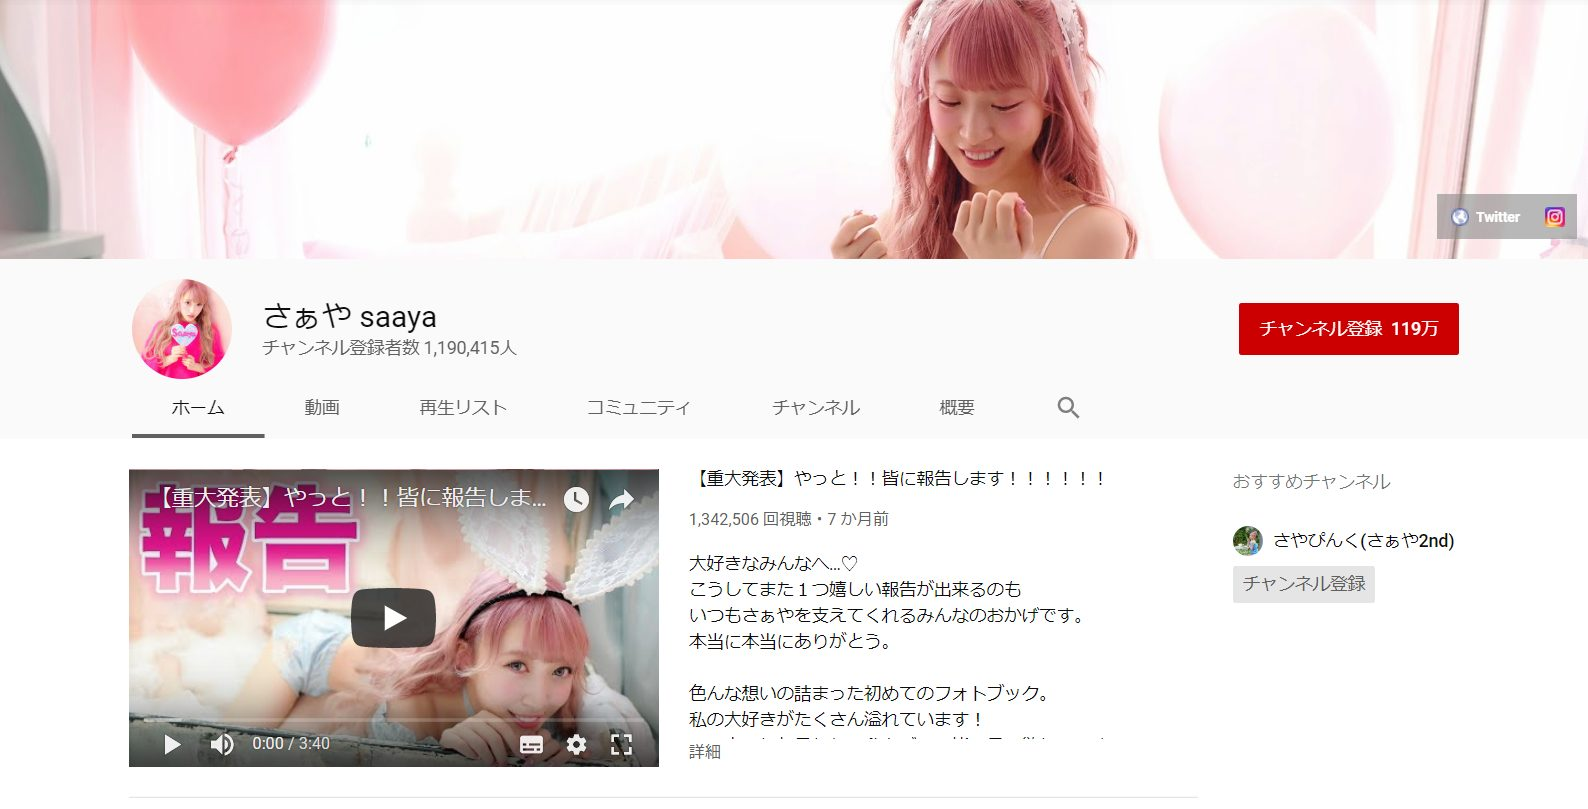 beauty-cosmetic-youtube-channel-saaya